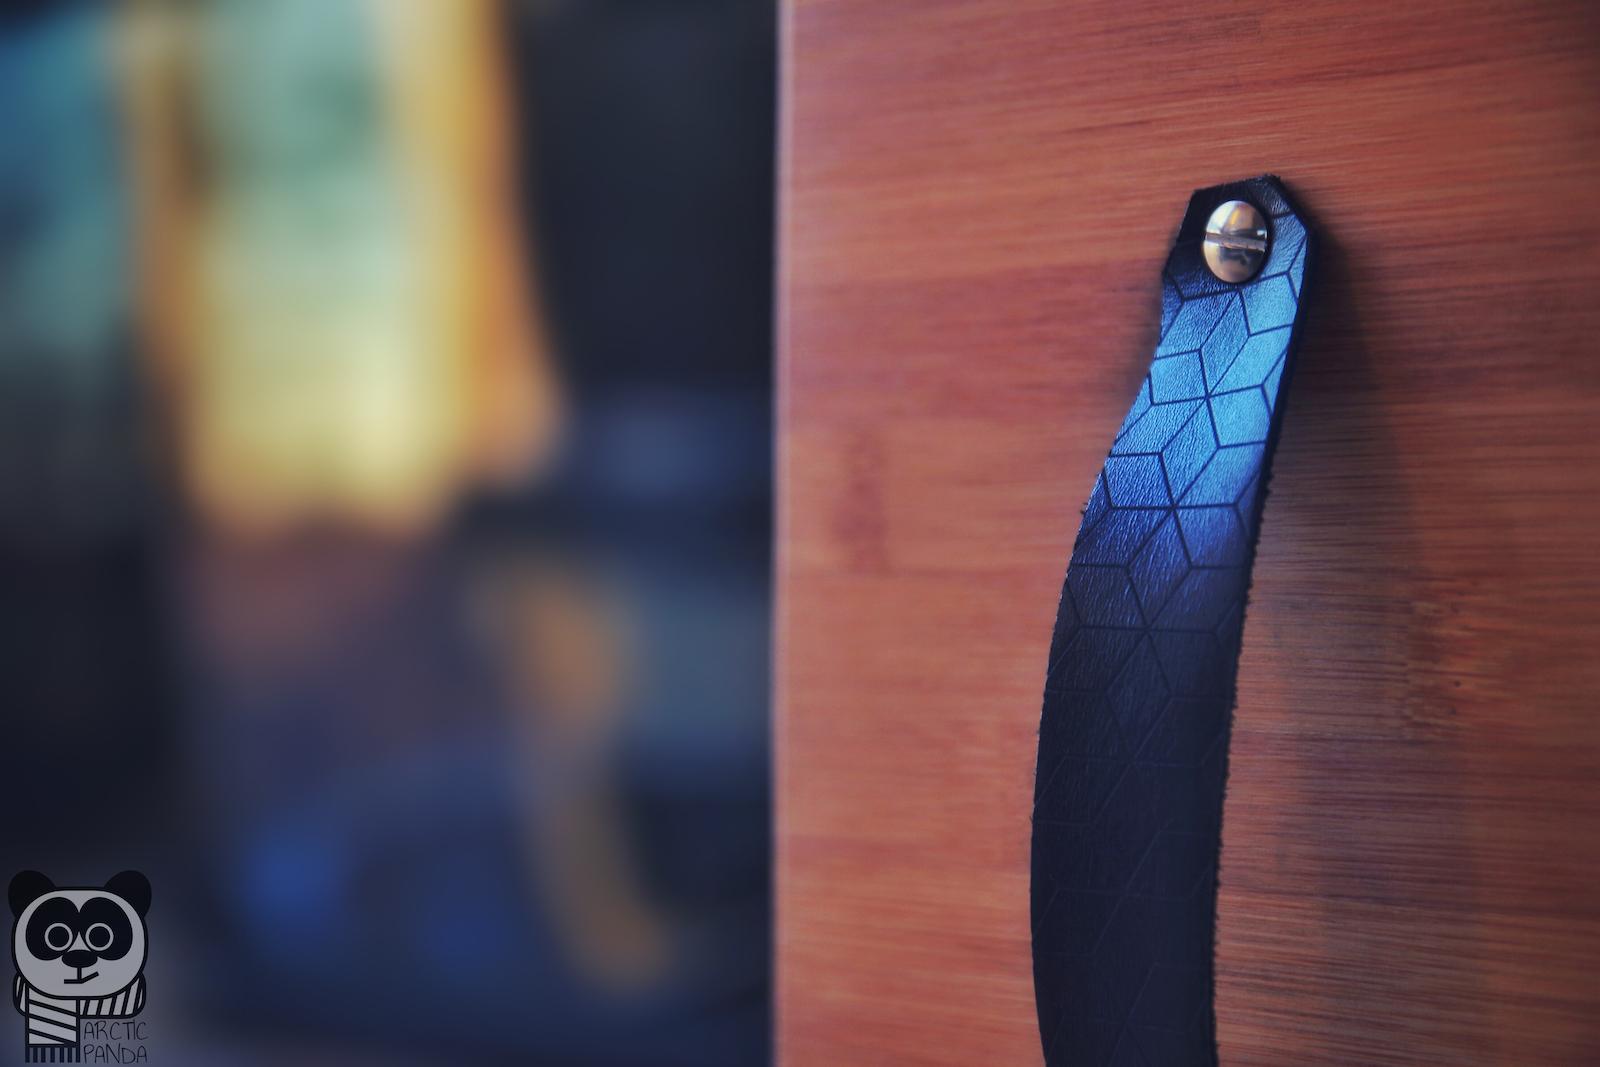 Die geprägten Ledergriffe sehen nicht nur gut aus, sie sind auch echt praktisch.